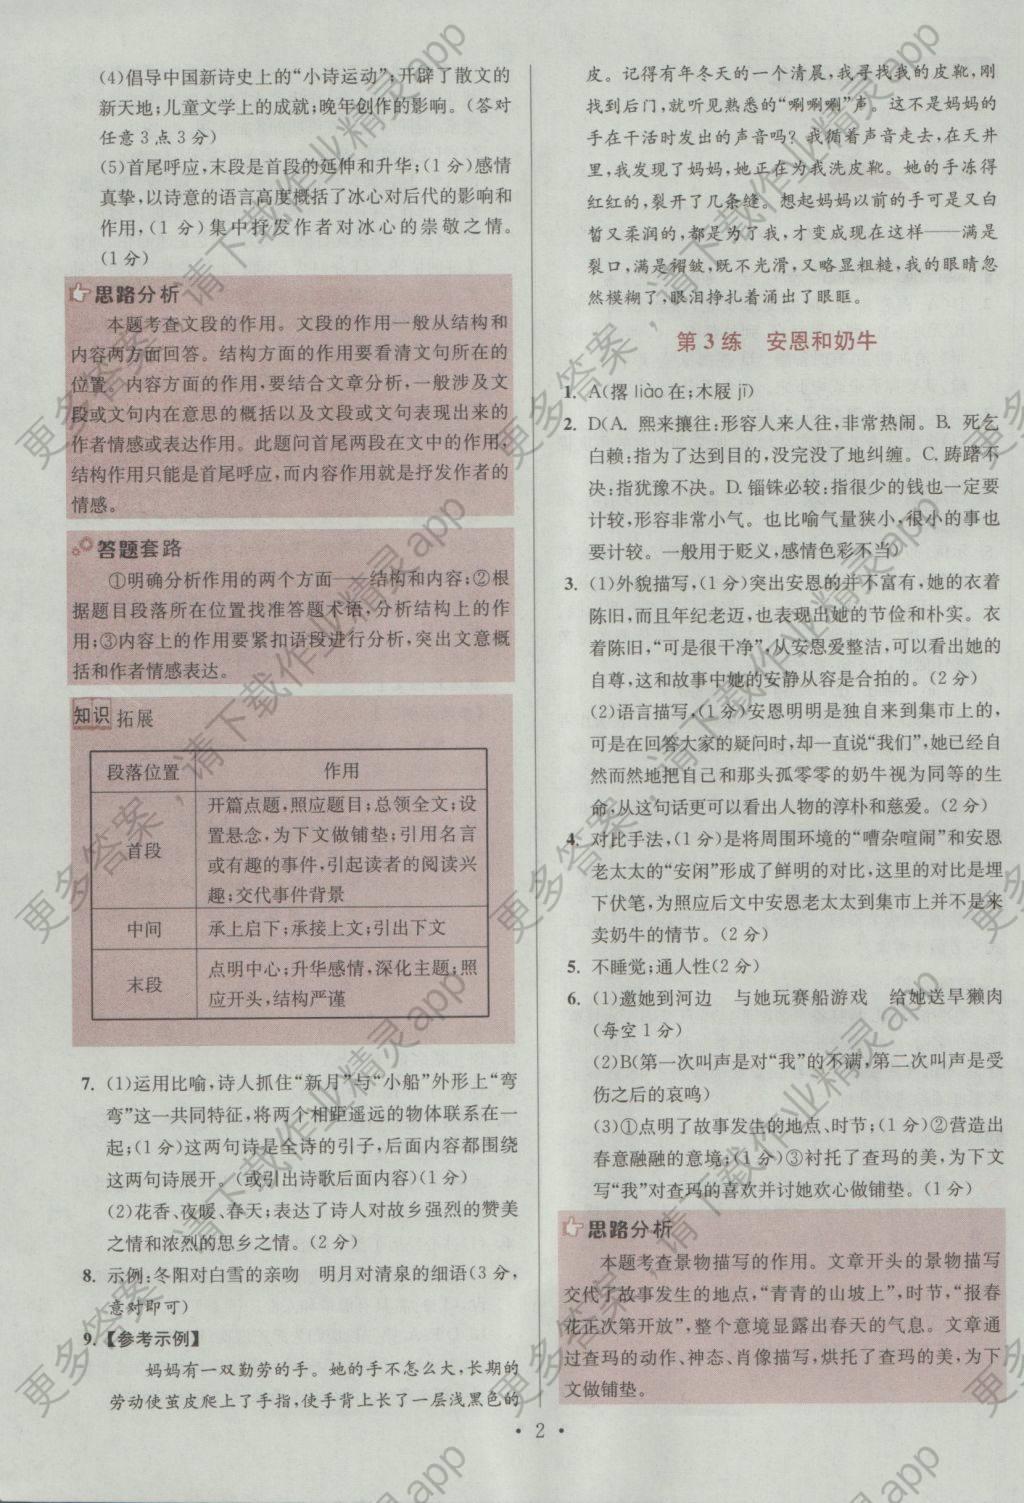 2016年初中语文小题狂做七年级上册江苏版提